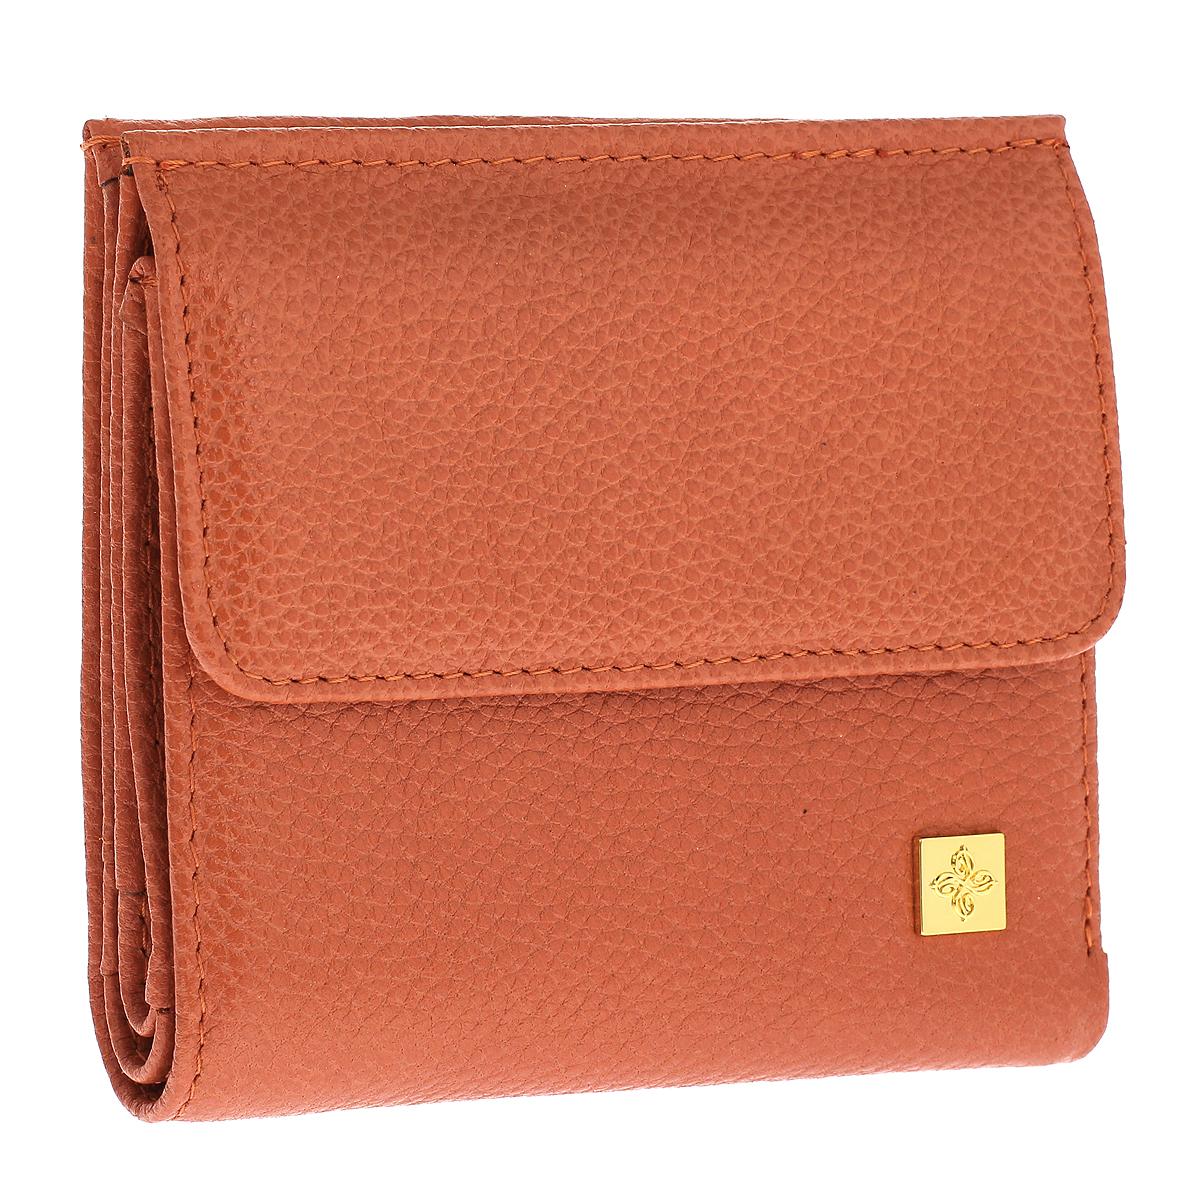 Кошелек женский Dimanche Corail, цвет: оранжевый. 943943Кошелек Dimanche Corail изготовлен из натуральной кожи оранжевого цвета. Закрывается на магнитную кнопку. На передней стенке расположен объемный карман для мелочи, закрывающийся клапаном на кнопку. Внутри кошелька содержится 2 отделения для купюр, дополнительный карман на молнии, 2 прорезных кармана для пластиковых карт, кармашек для сим-карты, 2 потайных вертикальных кармашка для мелких бумаг и окошко для фотографии. Внутри кошелек отделан атласным полиэстером бежевого цвета с узором. Фурнитура - золотистого цвета. Стильный кошелек отлично дополнит ваш образ и станет незаменимым аксессуаром на каждый день. Упакован в фирменную картонную коробку коричневого цвета. Характеристики: Материал: натуральная кожа, полиэстер, металл. Цвет: оранжевый. Размер кошелька (ДхШхВ): 10 см х 10,5 см х 2,5 см.